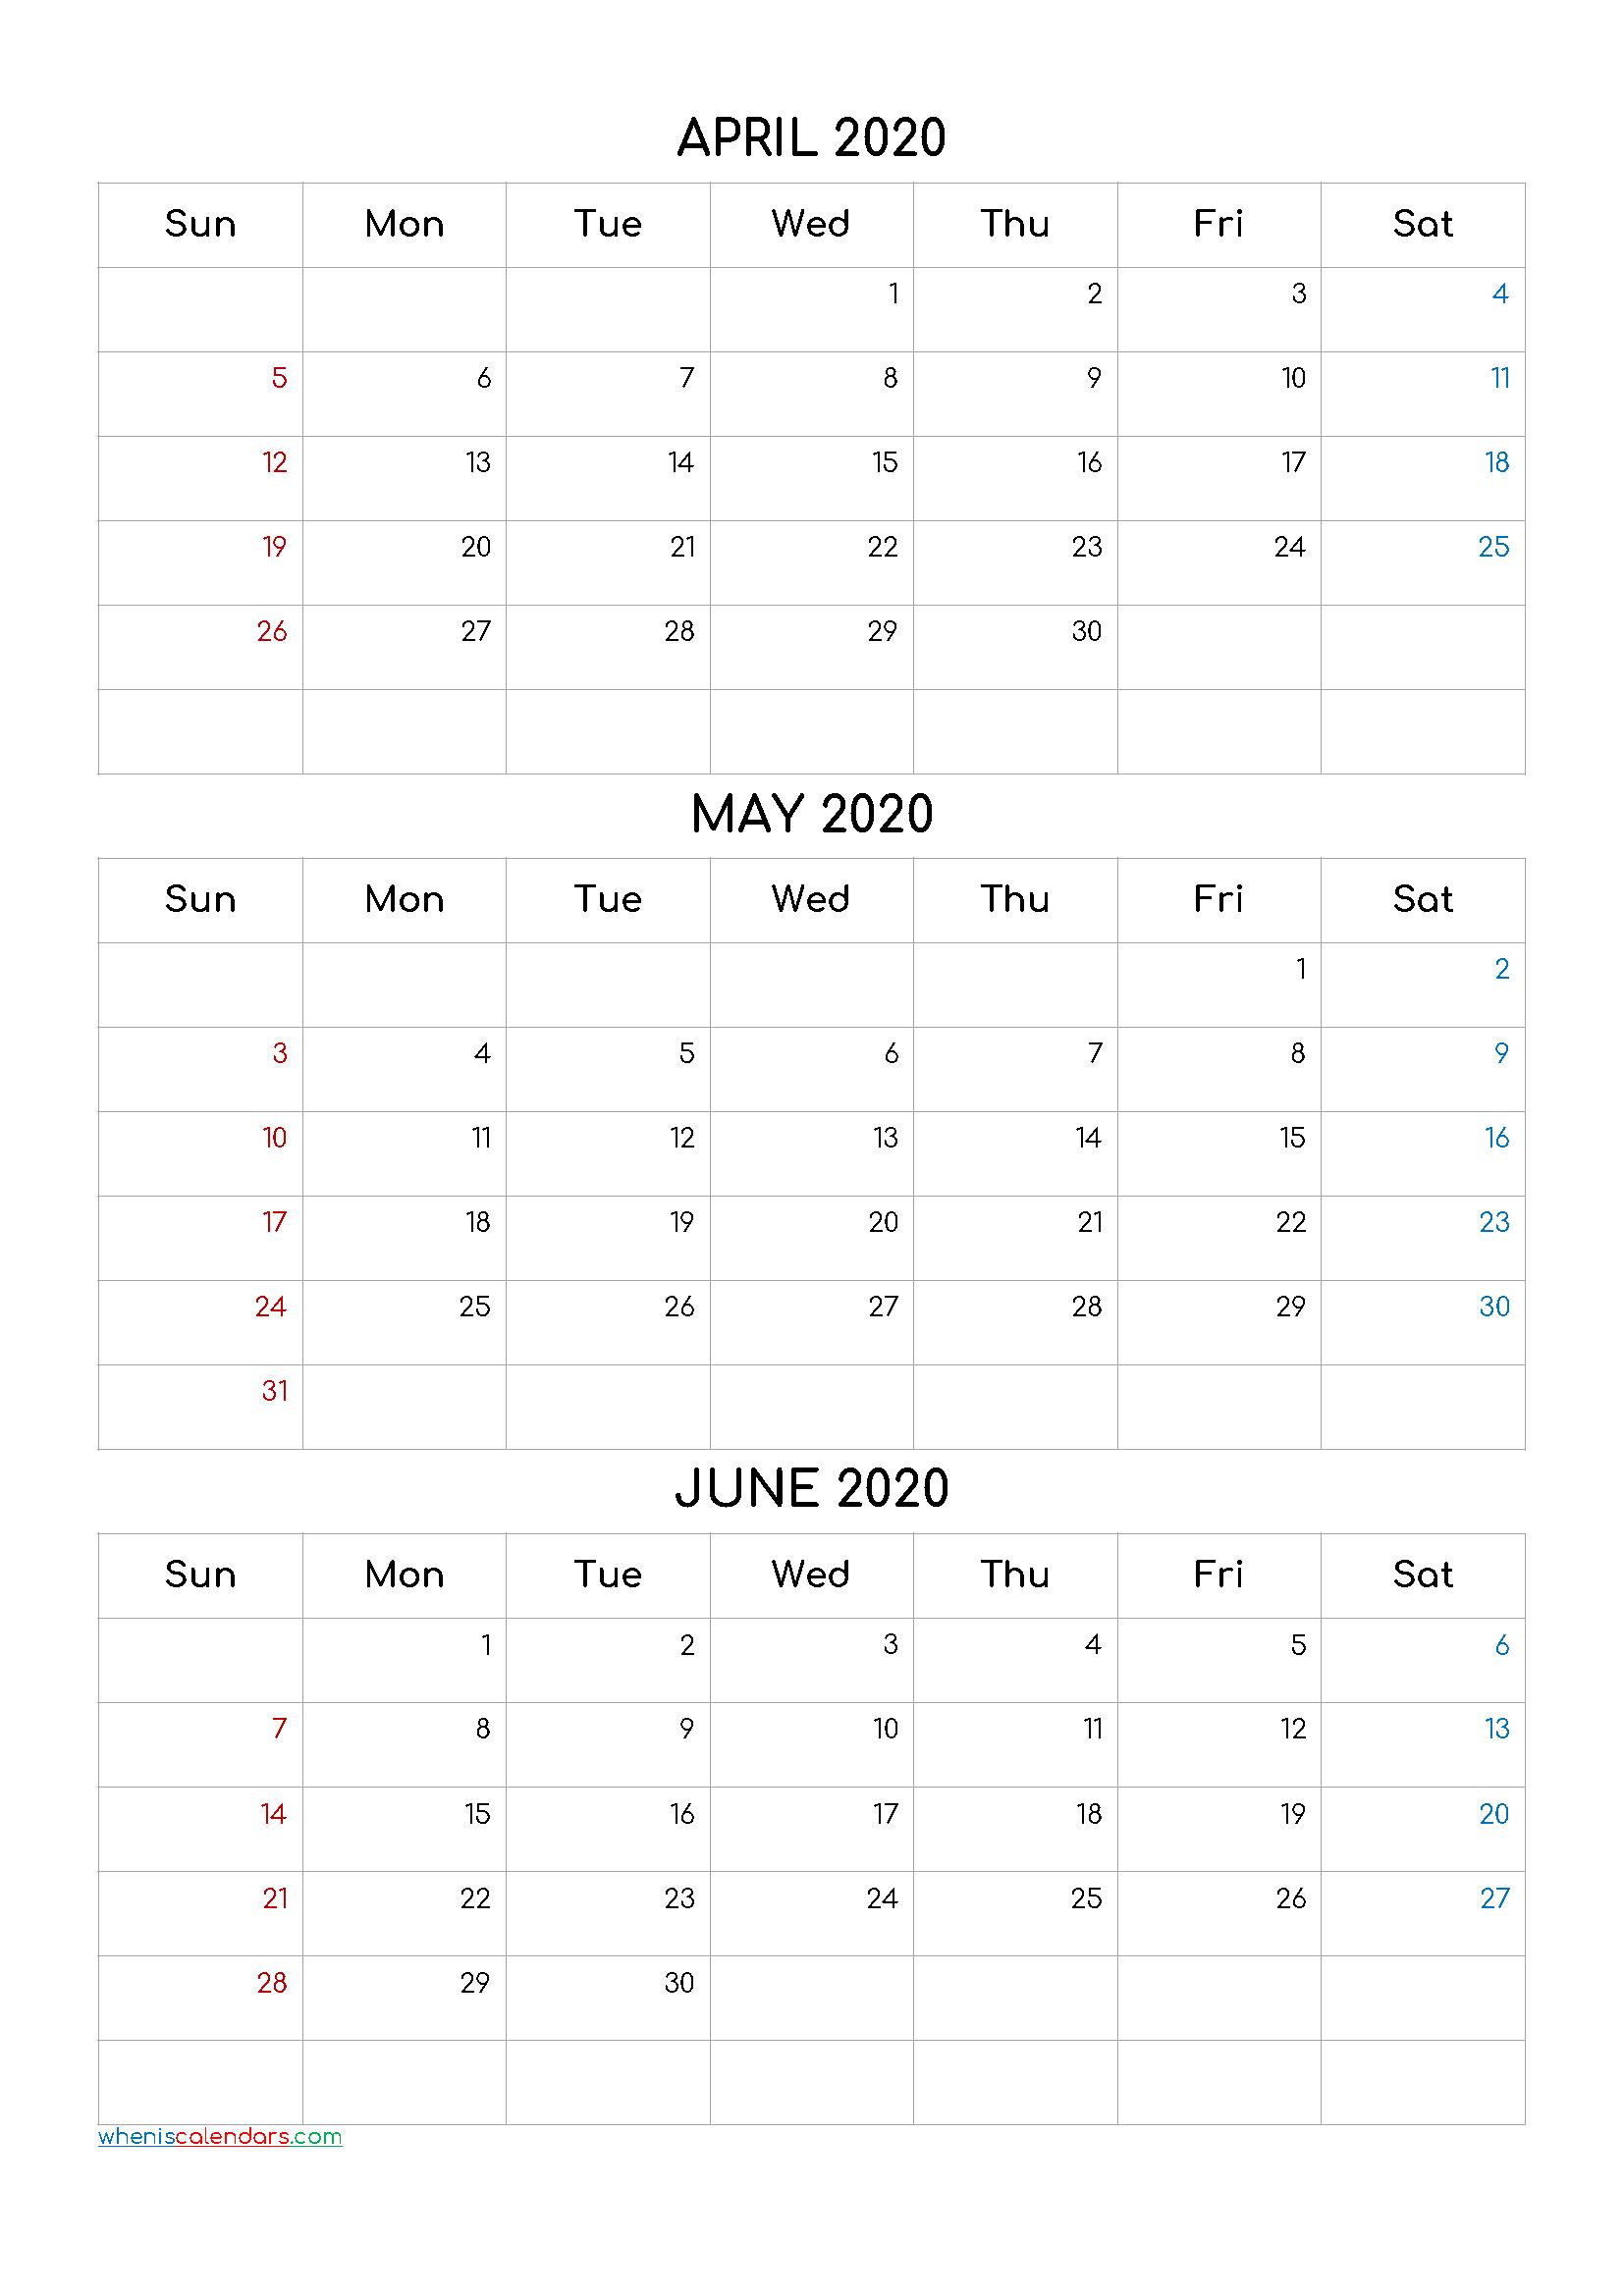 April May June 2020 Three Month Calendar Printable20Cf4 throughout Printable Calendar With Three Months